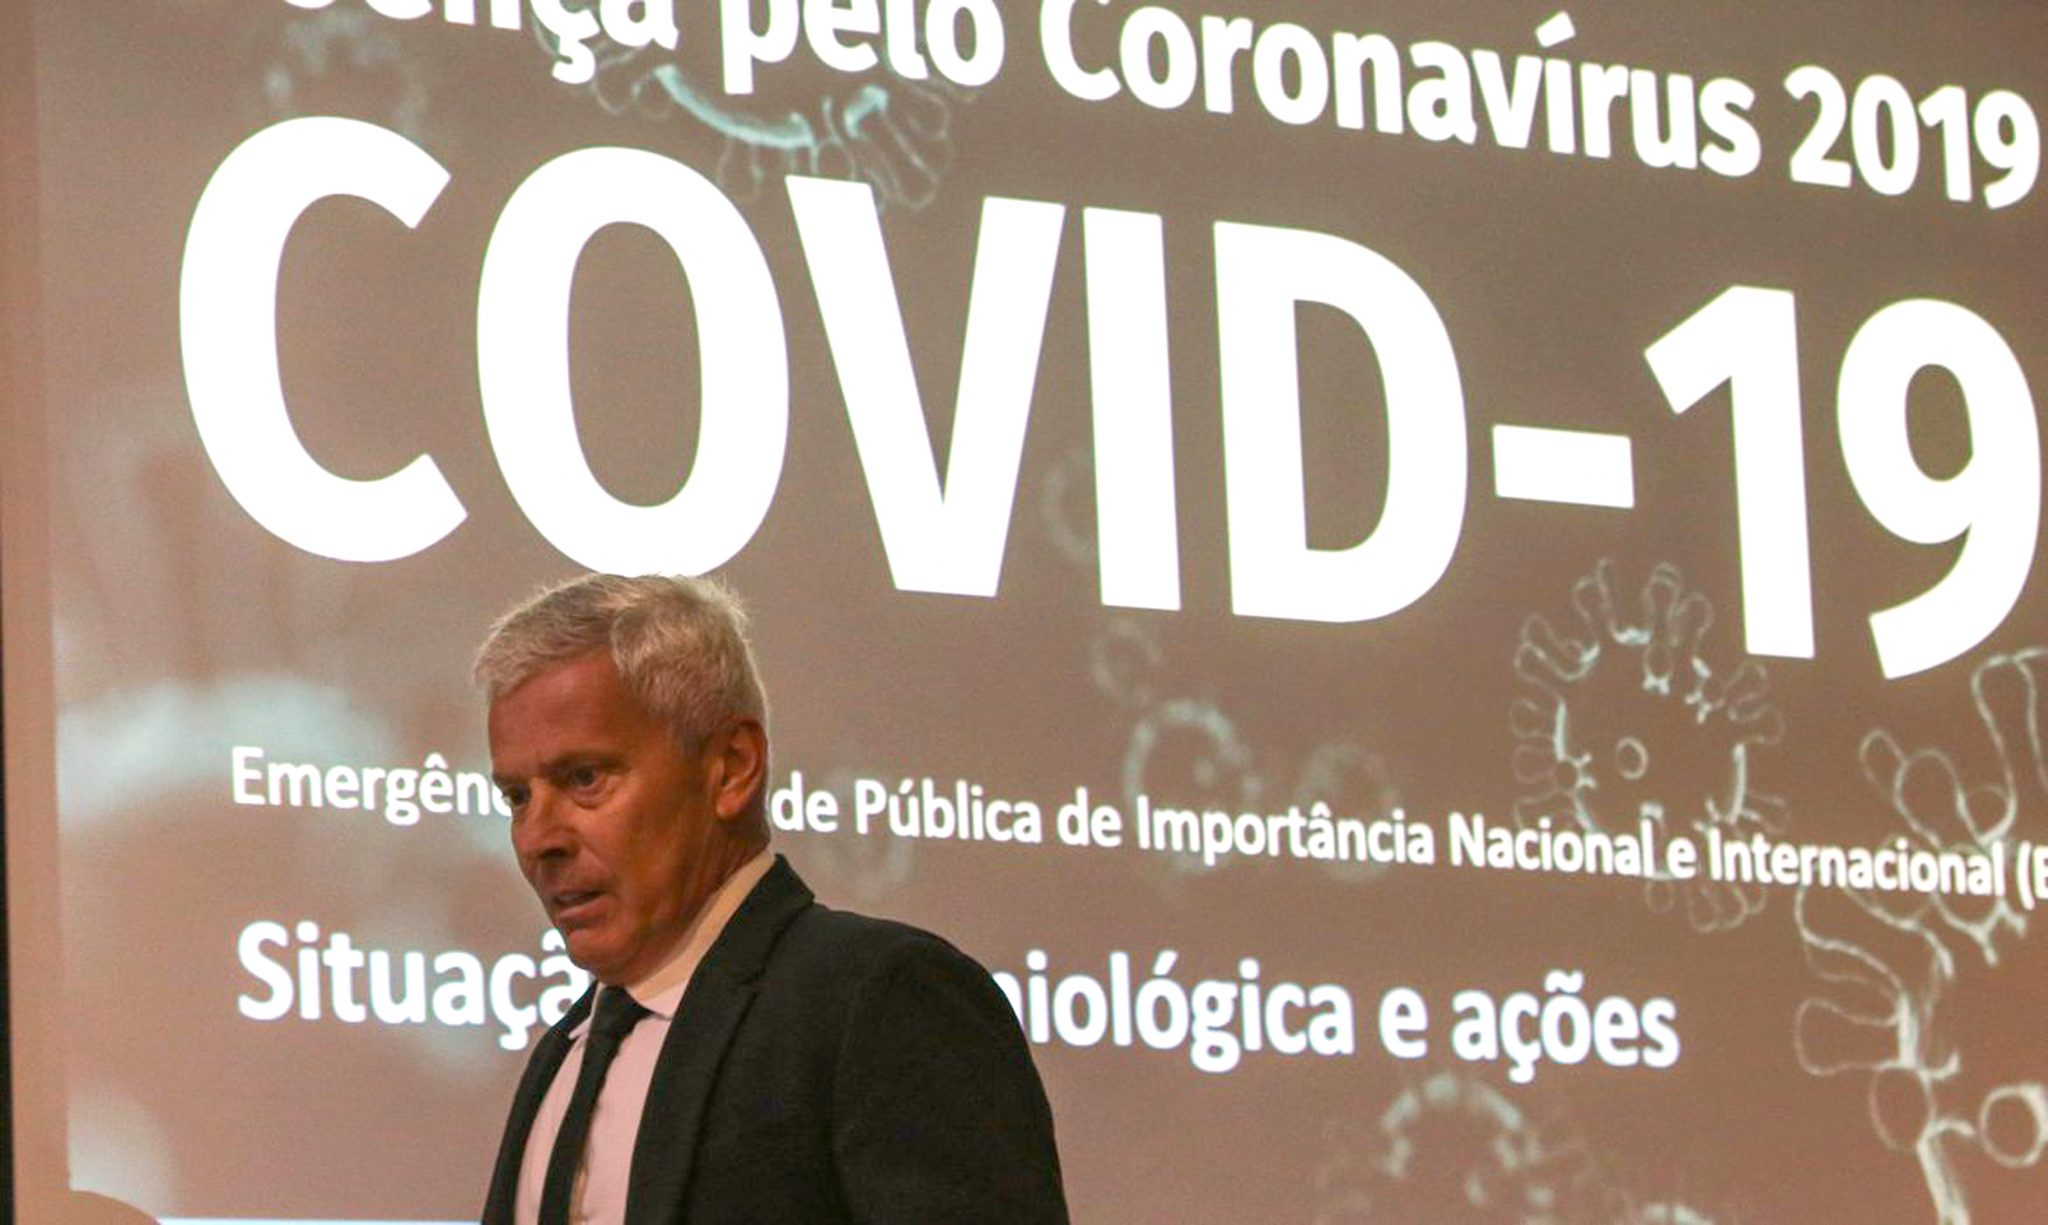 Governo de SP reúne 'experts' em Centro de Contingência de Coronavírus